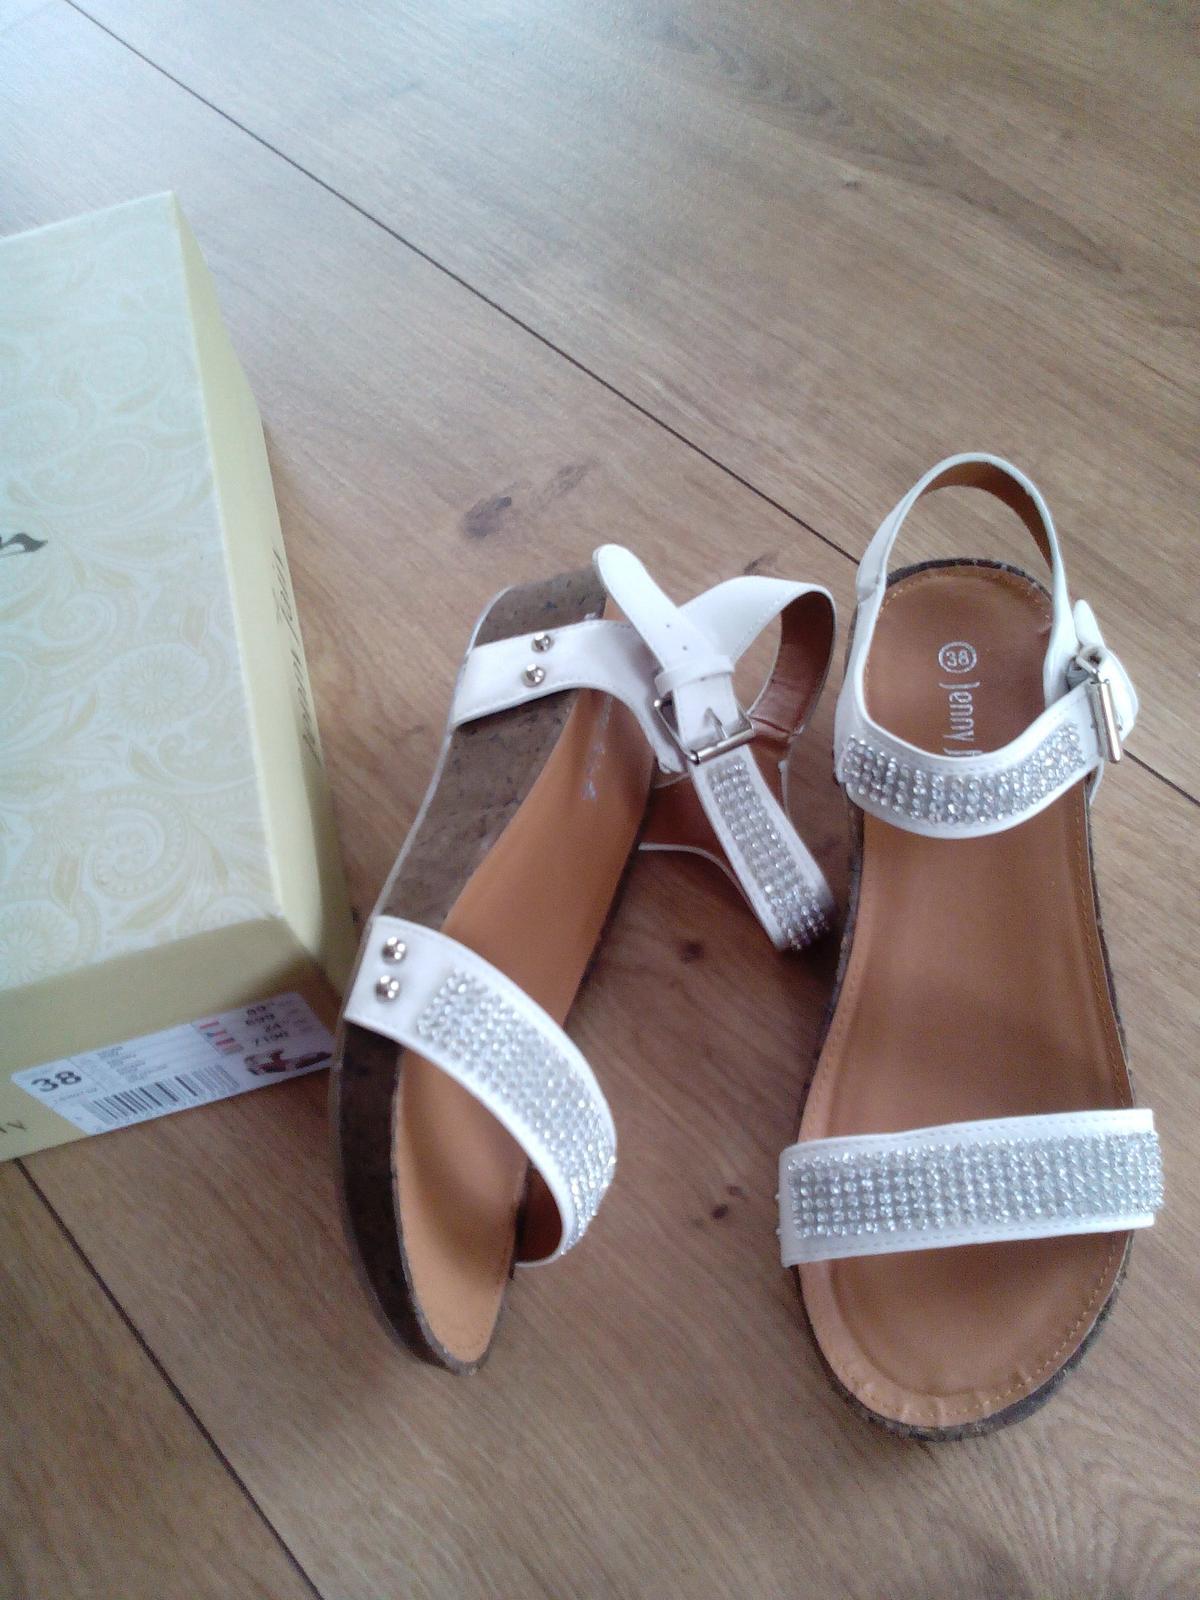 štrasové sandálky - Obrázok č. 2